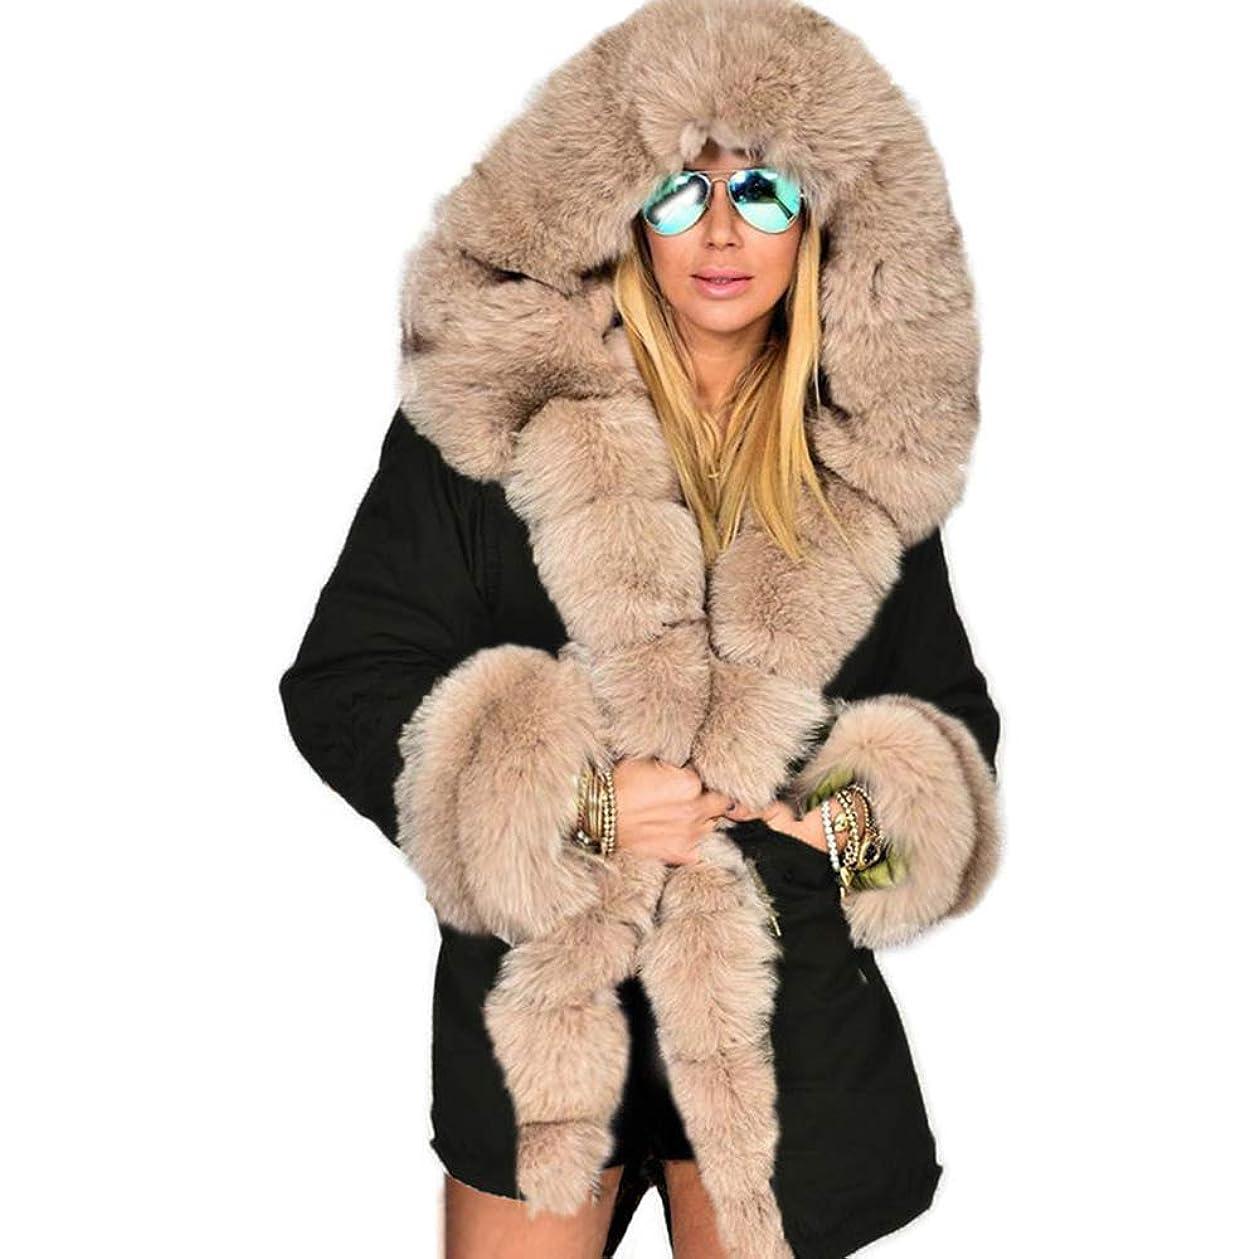 判読できないであるルアー冬ジャケット女性ファッションフードコートフェイクファーカラーコットンフリースウォームコートパーカスパーカープラスサイズロングコート,XXL